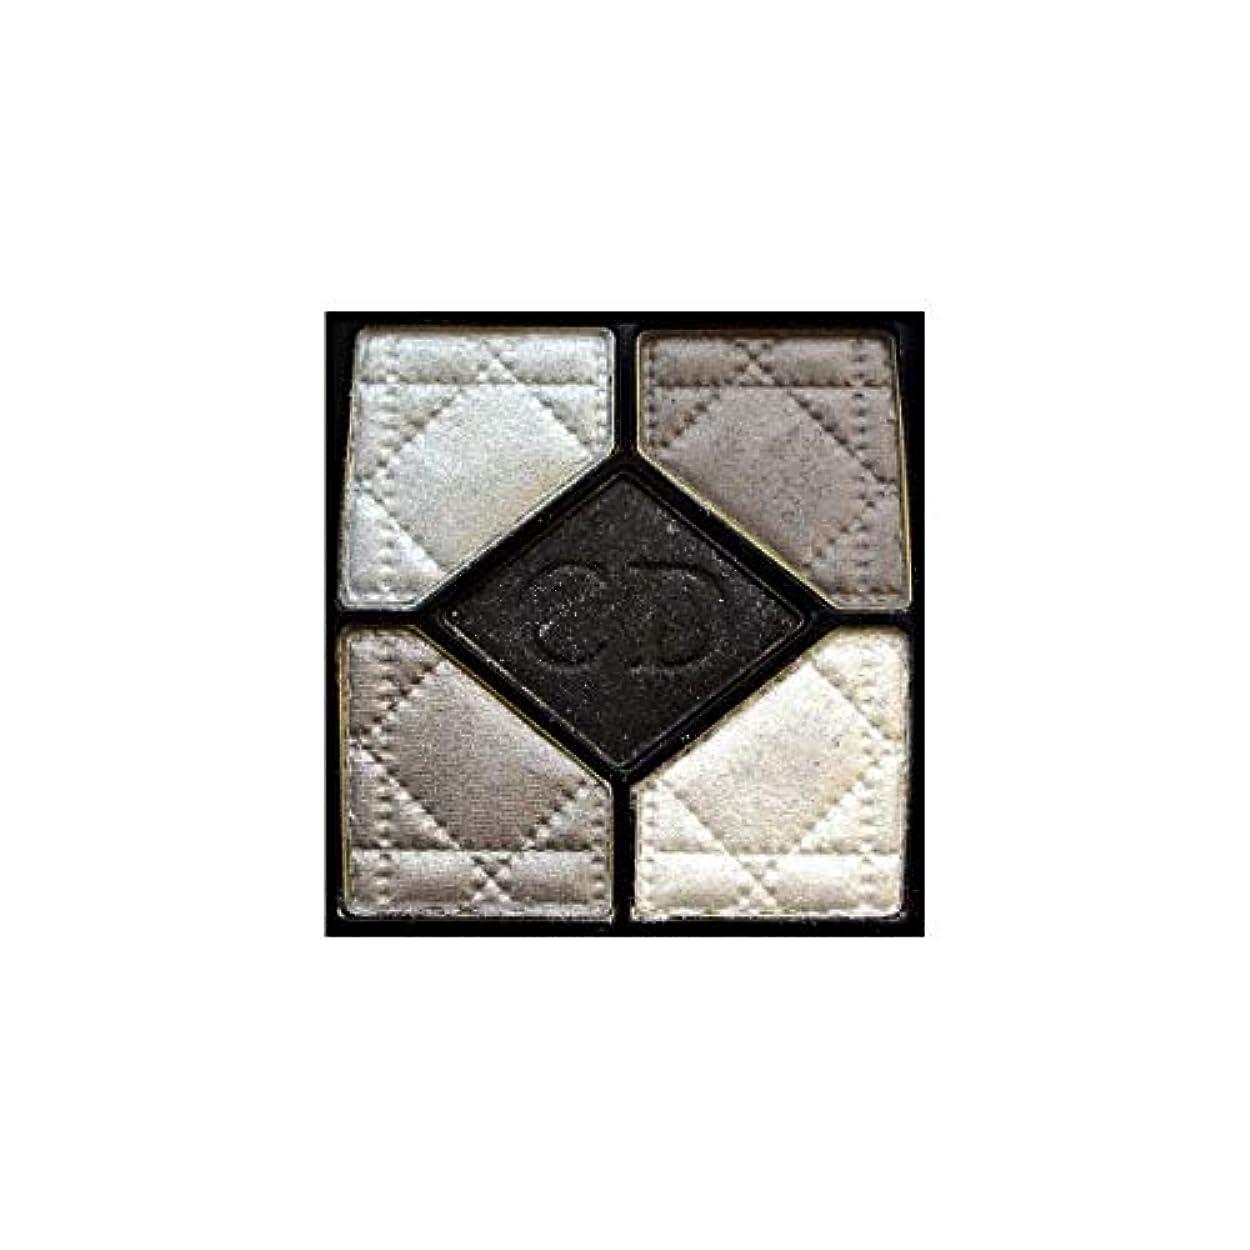 レギュラーマニア【クリスチャン ディオール】サンク クルール デザイナー #208 ネイビー デザイン 5.7g [並行輸入品]